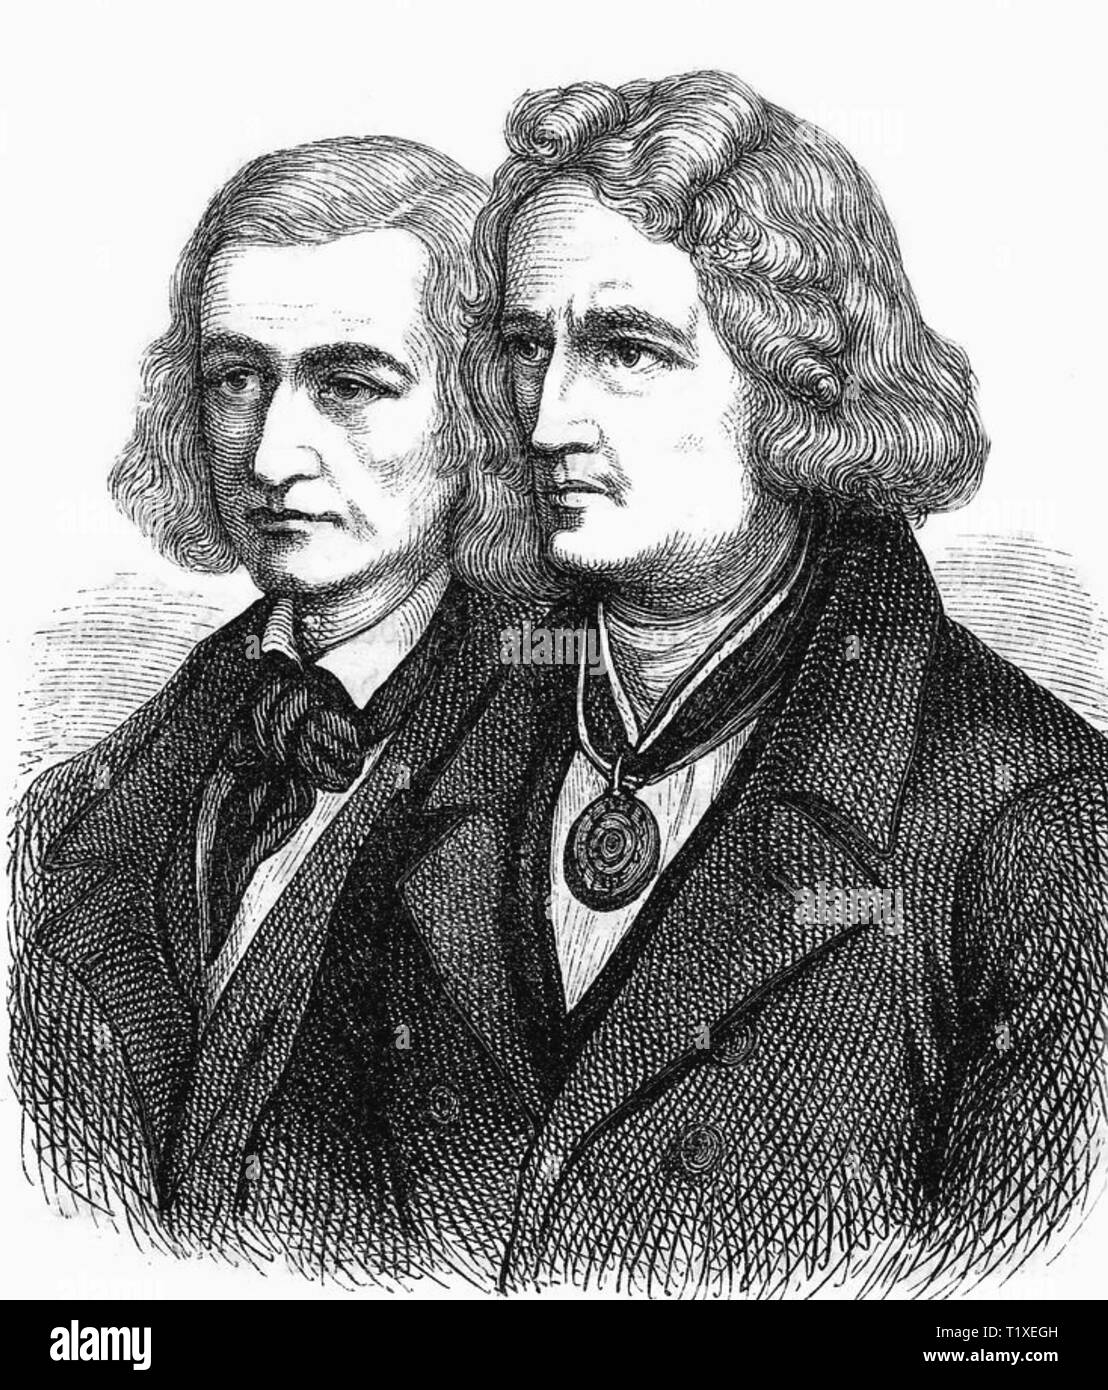 Fratelli Grimm accademico tedesco collezionisti di folklore. Wilhelm Grimm a sinistra e Giacobbe circa 1815 Immagini Stock